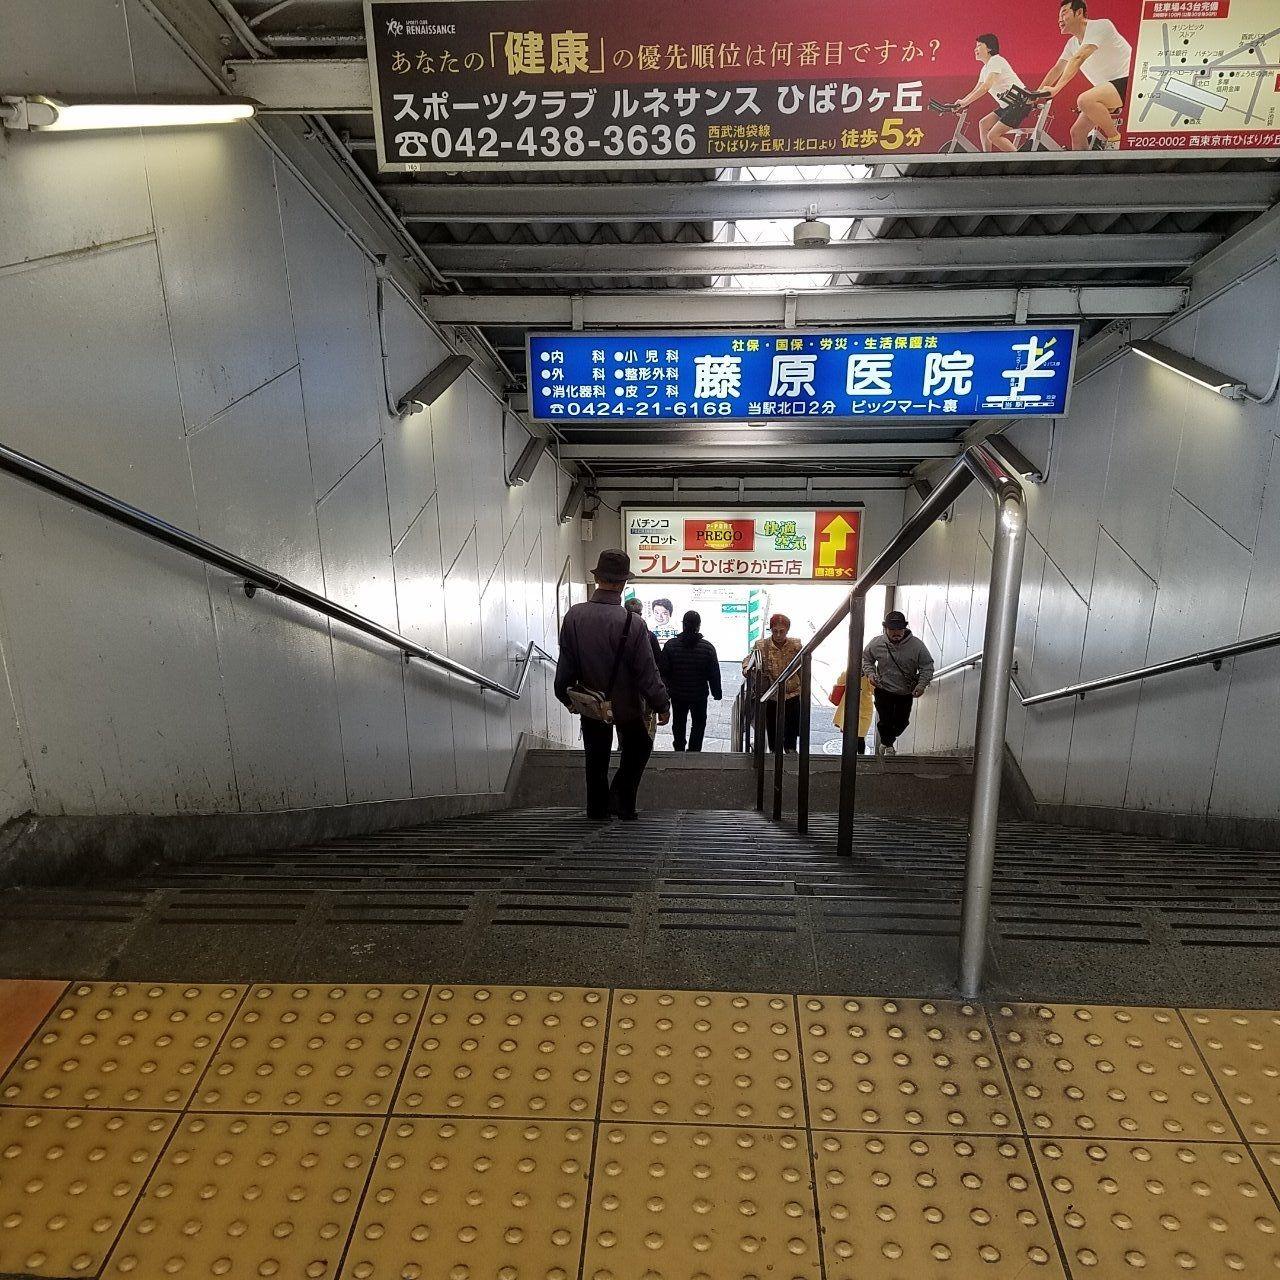 急な息が切れそうな階段の様子